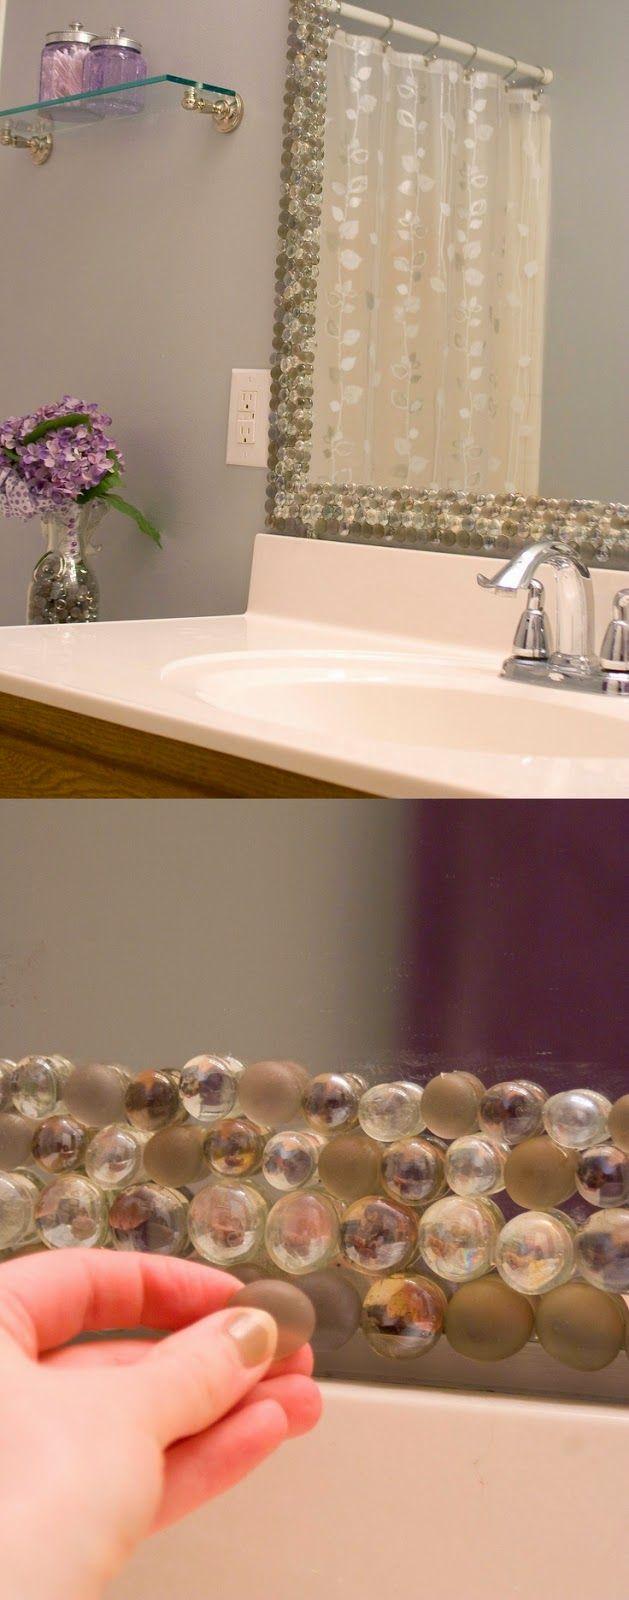 """Ε νώ οι """"σεταρισμένοι"""" με νιπτήρες-έπιπλα μπάνιου καθρέφτες είναι η συνηθέστερη επιλογή μας για τον χώρο του μπάνιου, στην πραγματ..."""